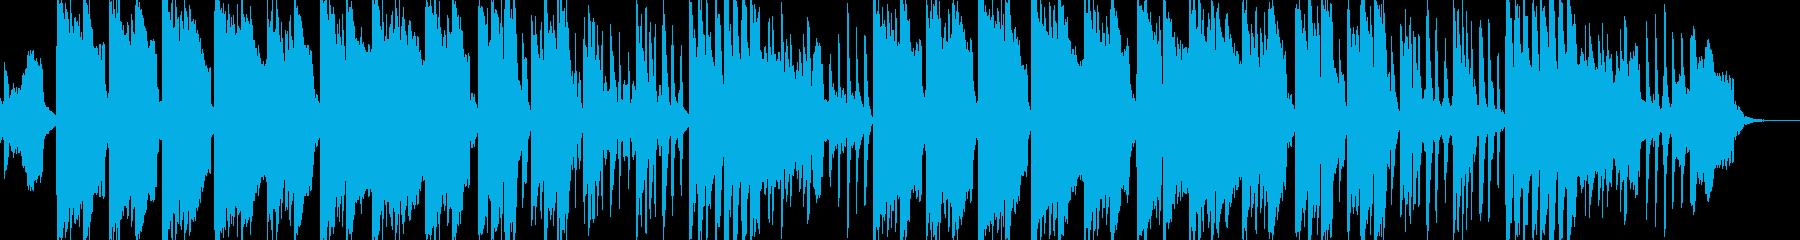 ほのぼの、ゆったりした笛のメロディの再生済みの波形